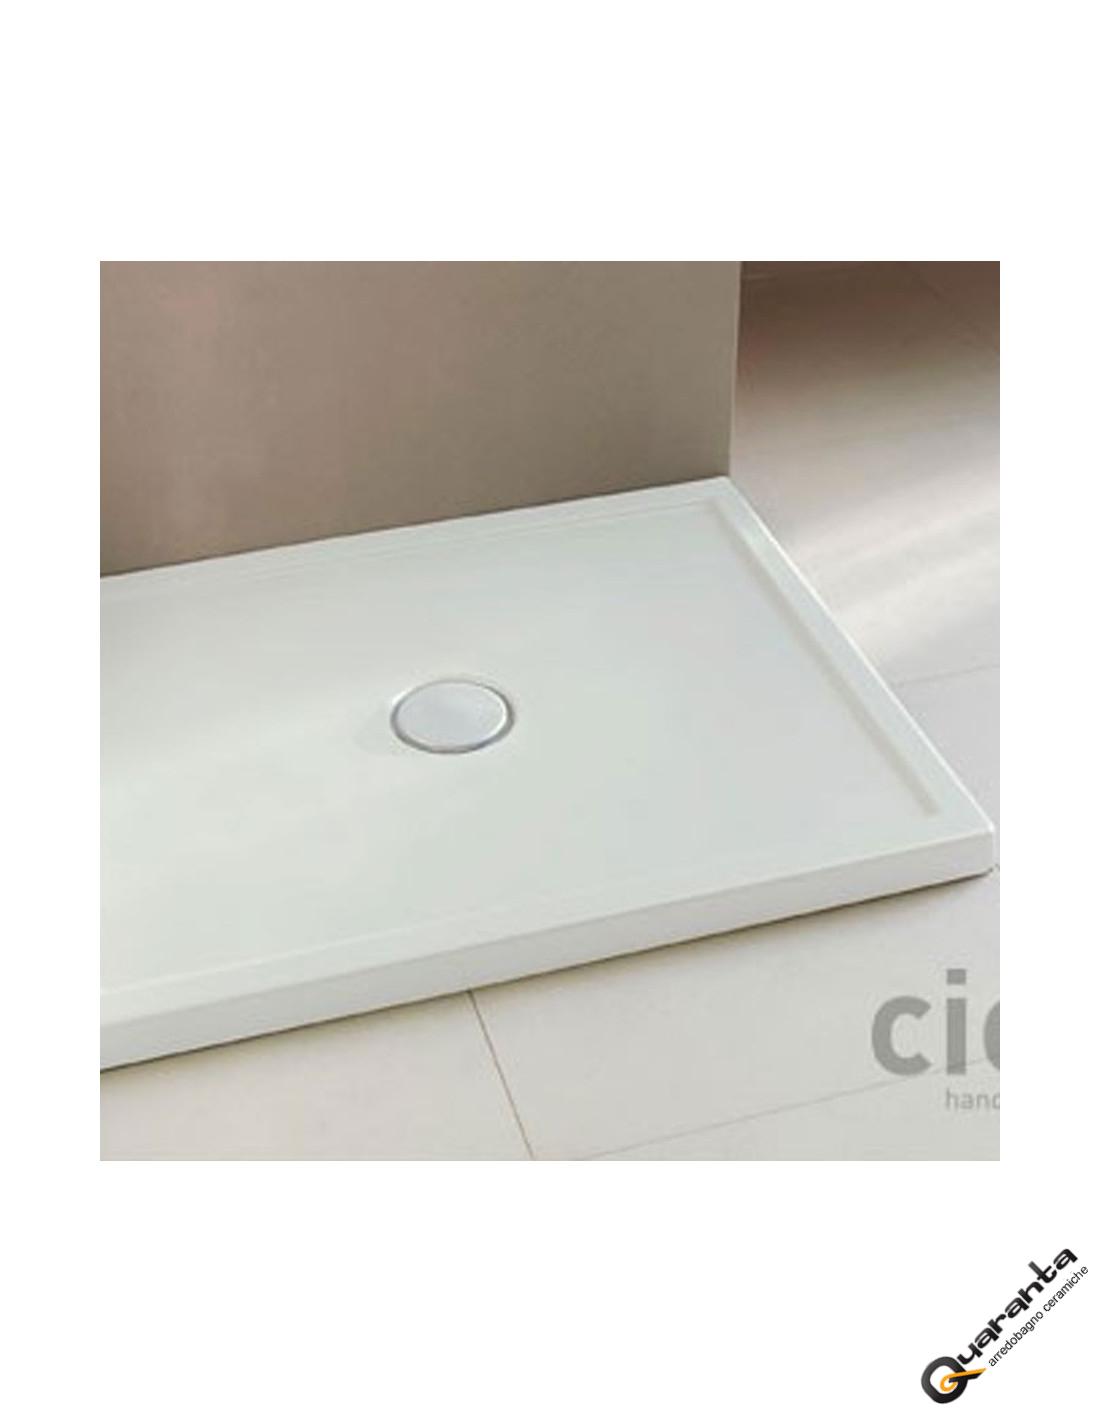 Piatto Doccia In Ceramica.Cielo Sessanta Piatto Doccia 80x120 H 6 Bianco